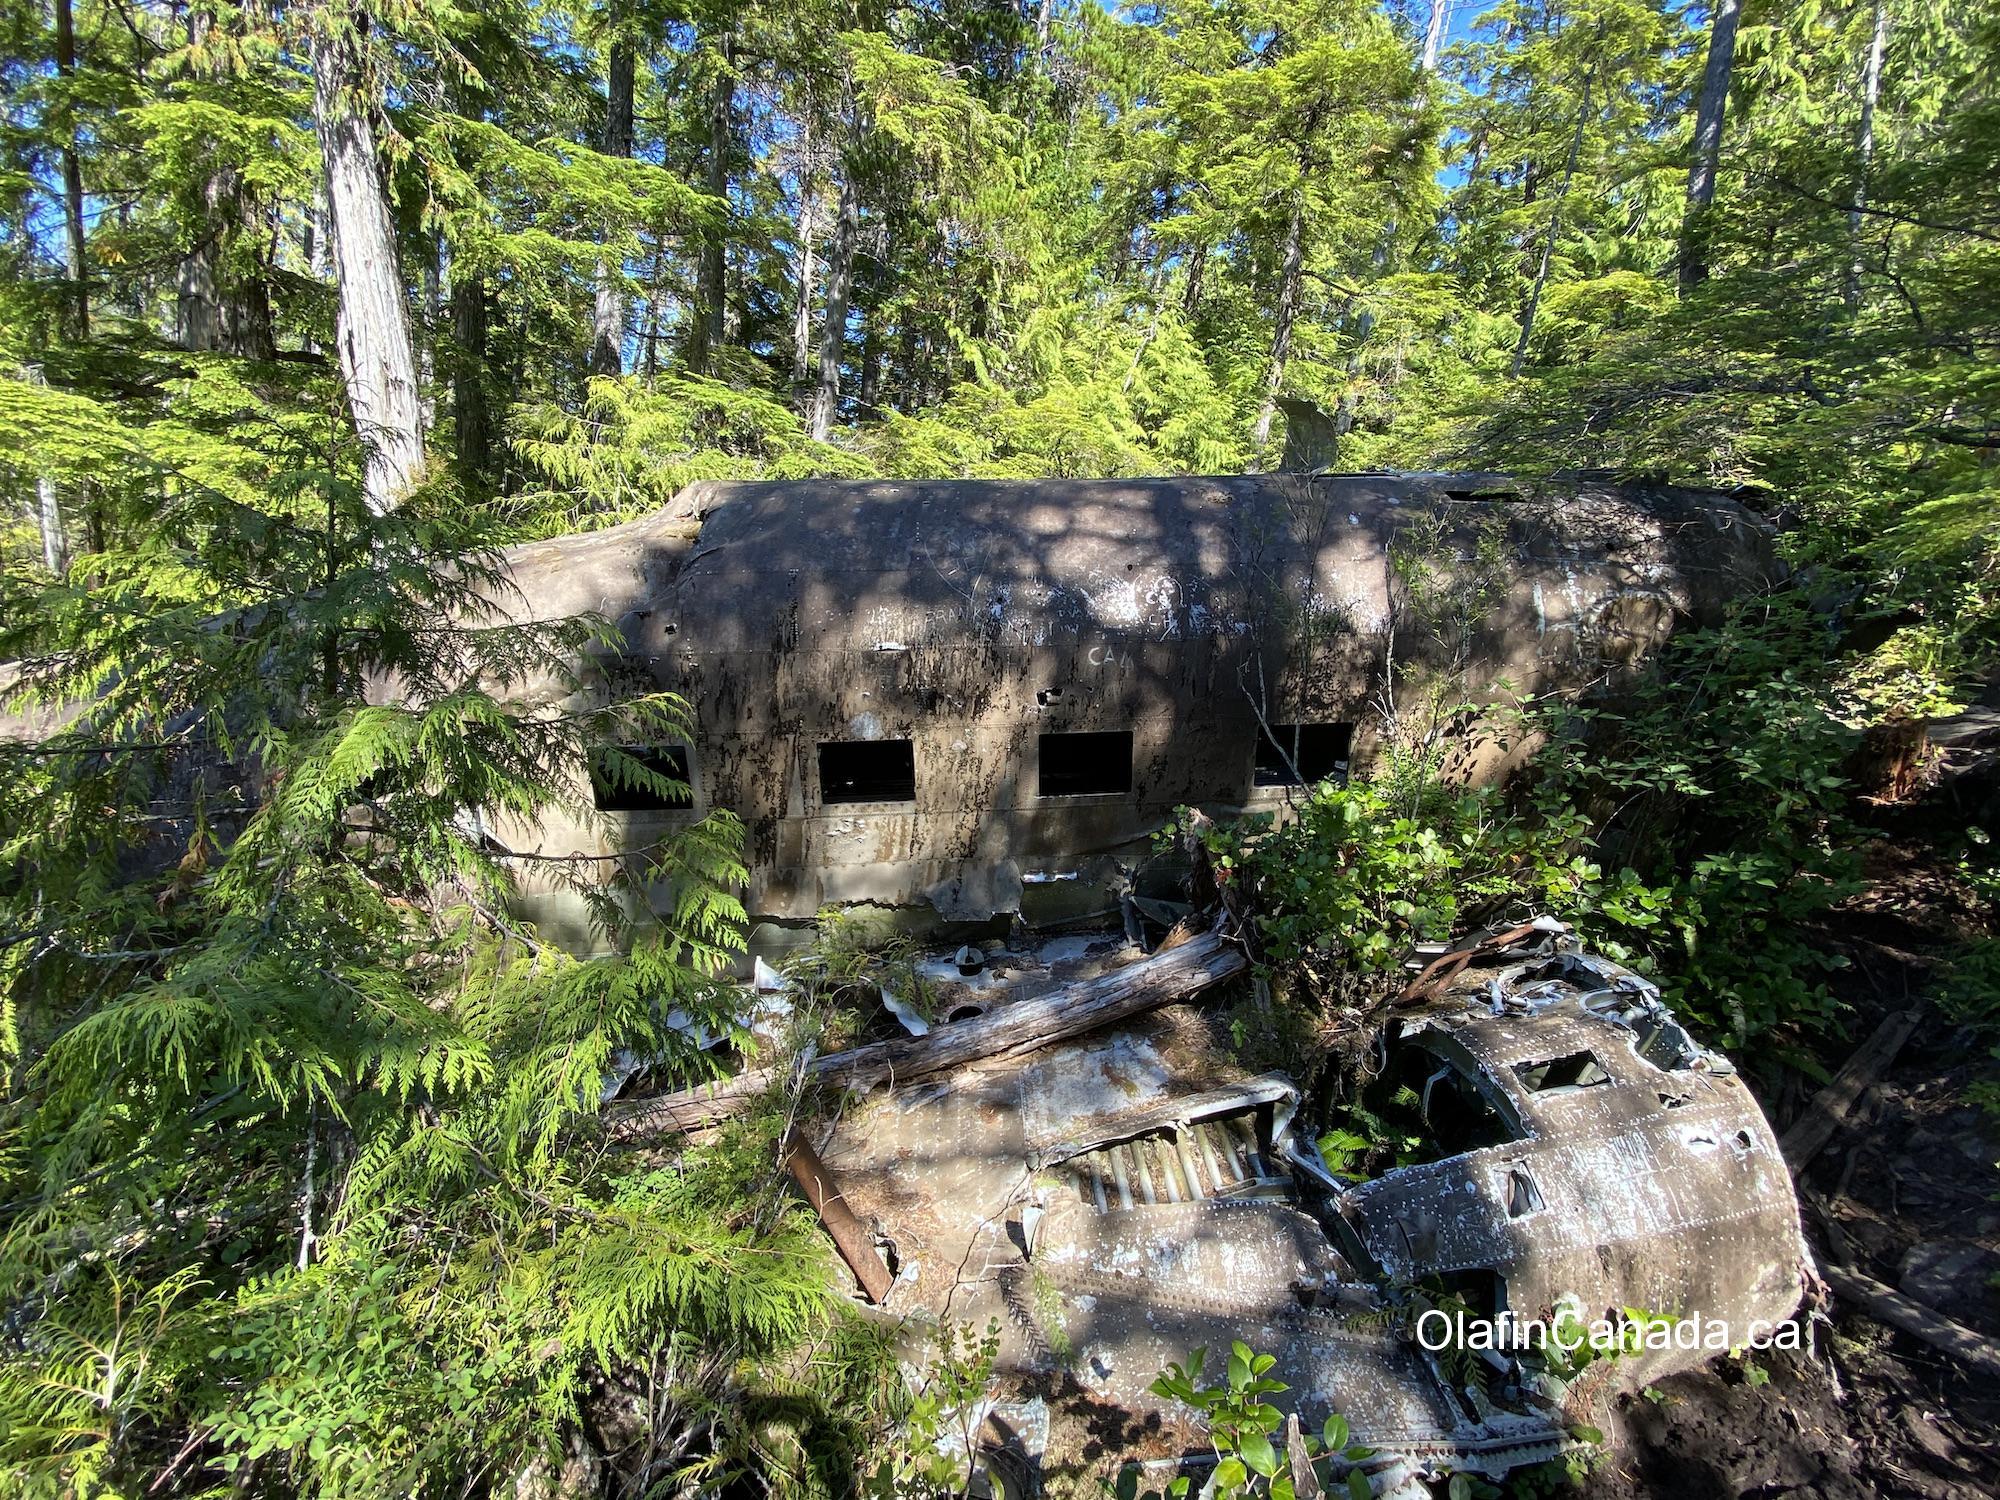 Dakota plane, crashed in 1944 near Port Hardy on Vancouver Island #olafincanada #britishcolumbia #discoverbc #abandonedbc #crashed #dakota